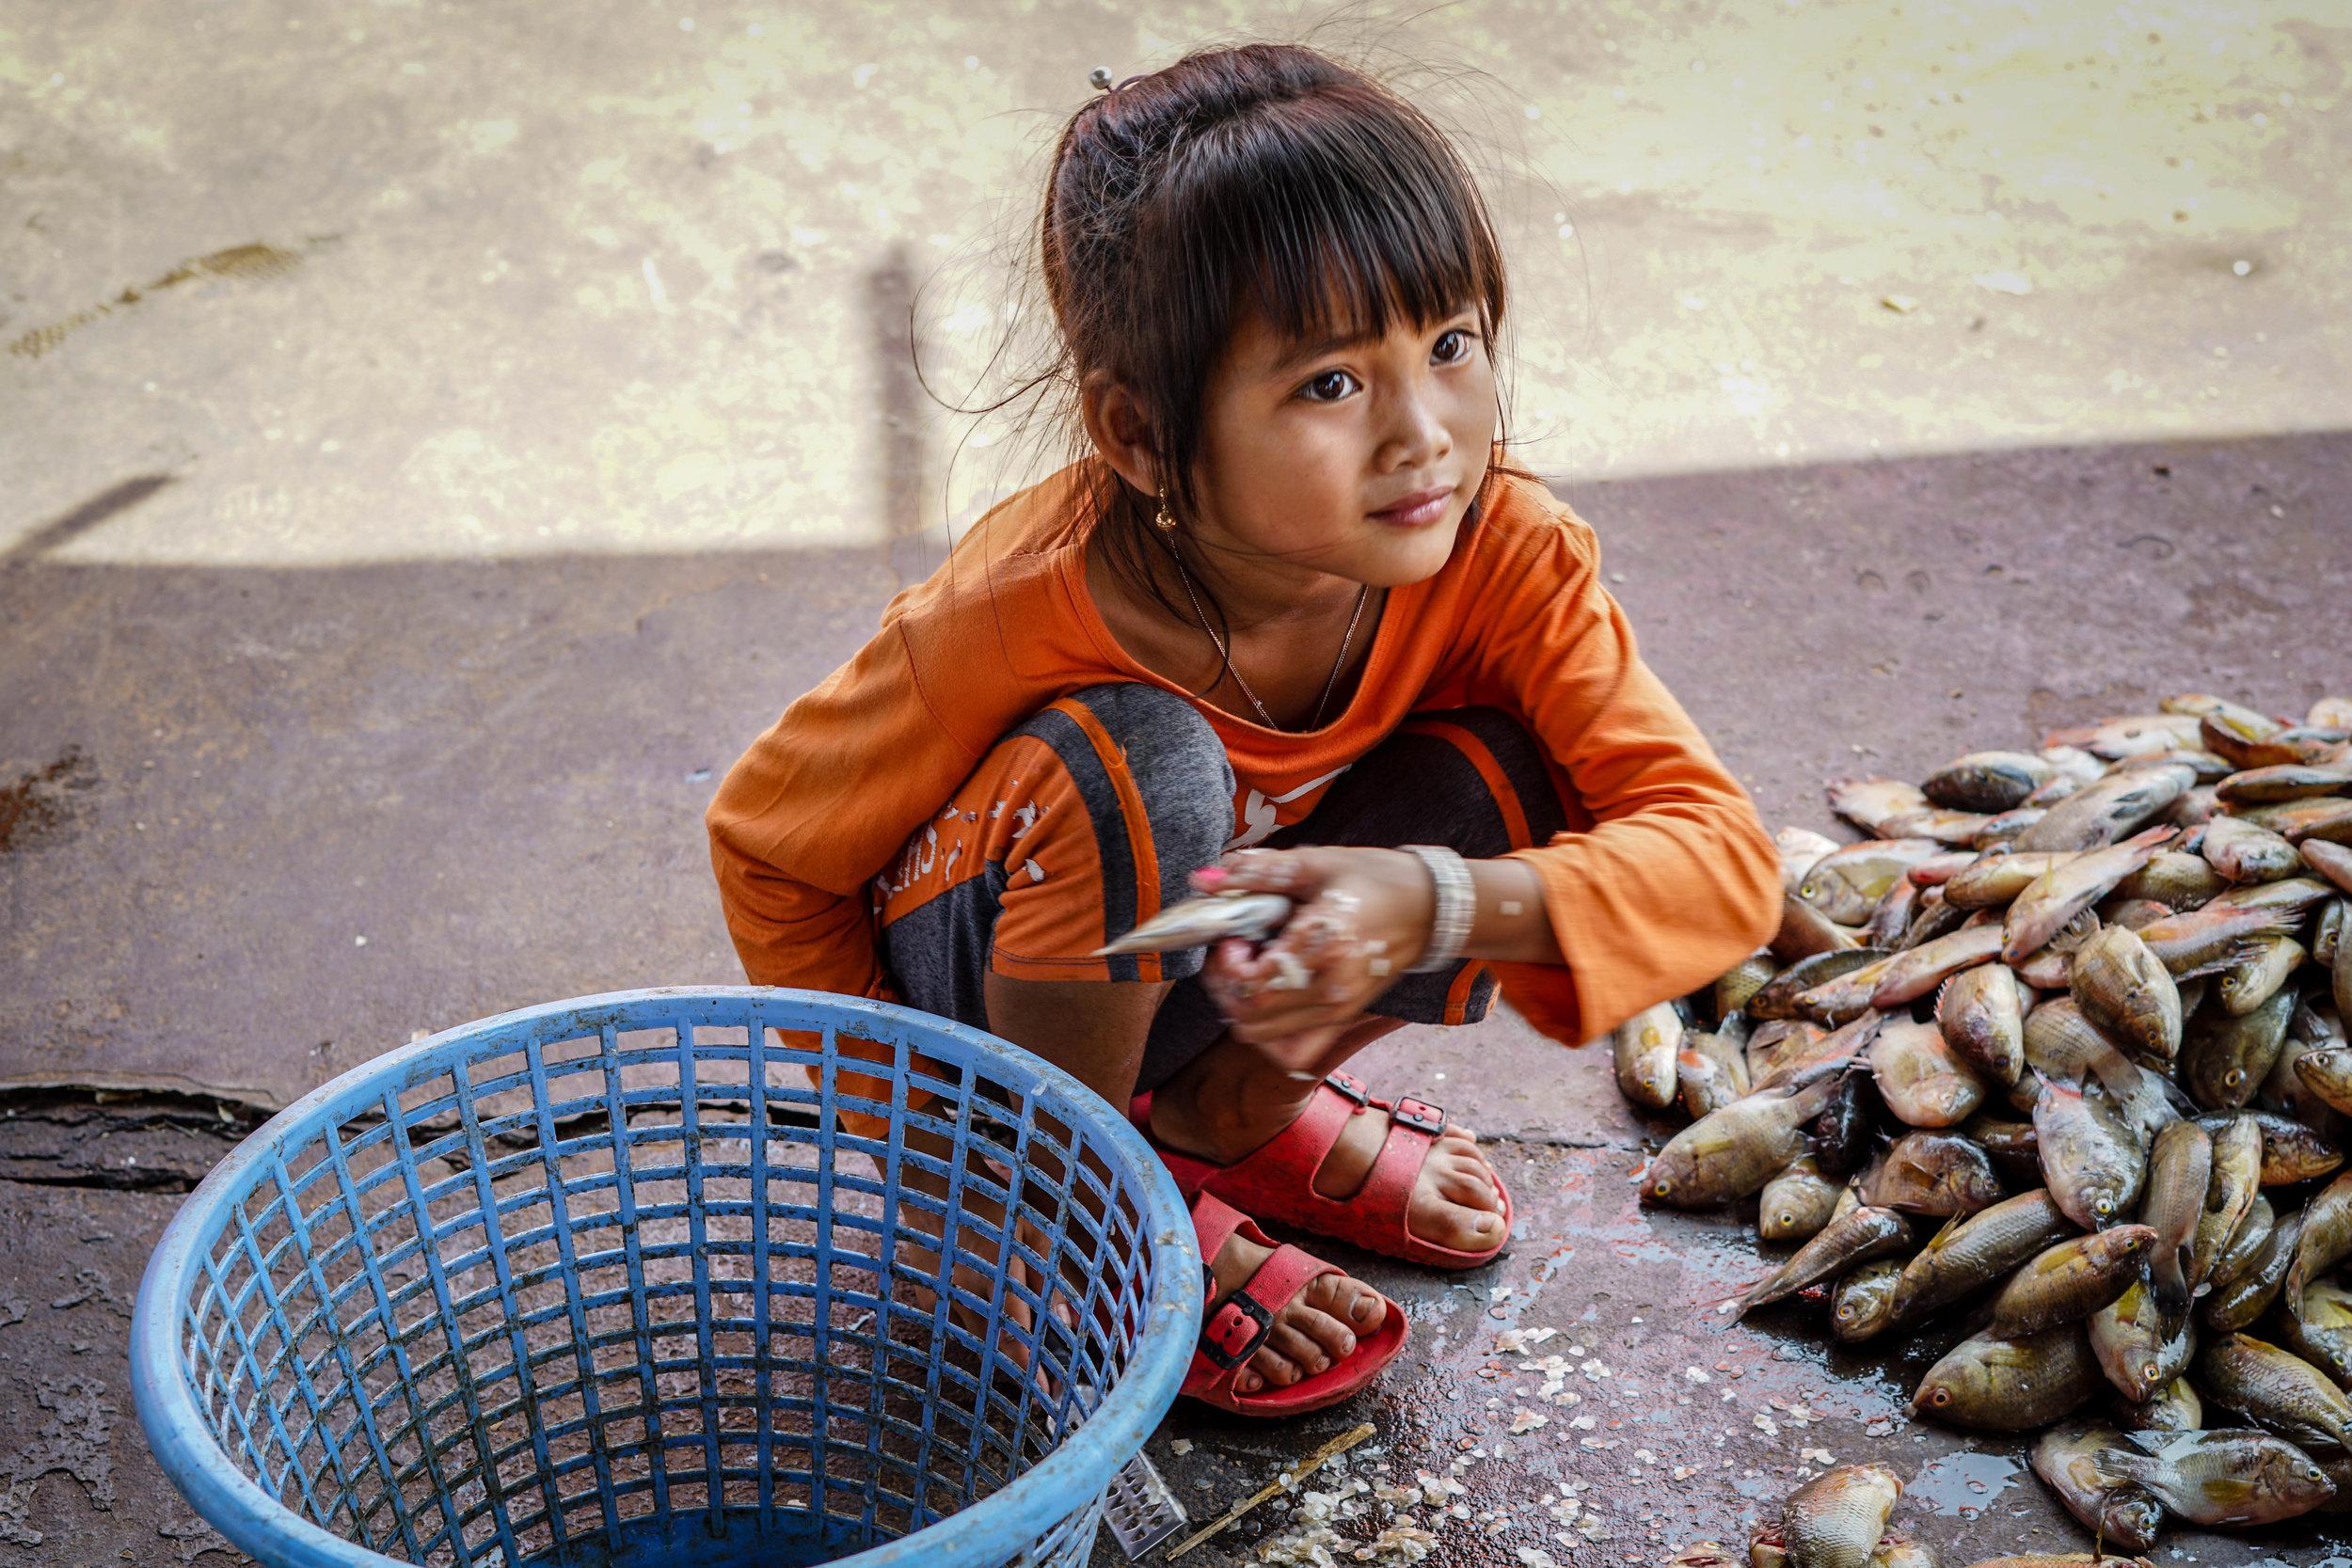 Girl with fish | Cambodia   ©LaurenKanaChan